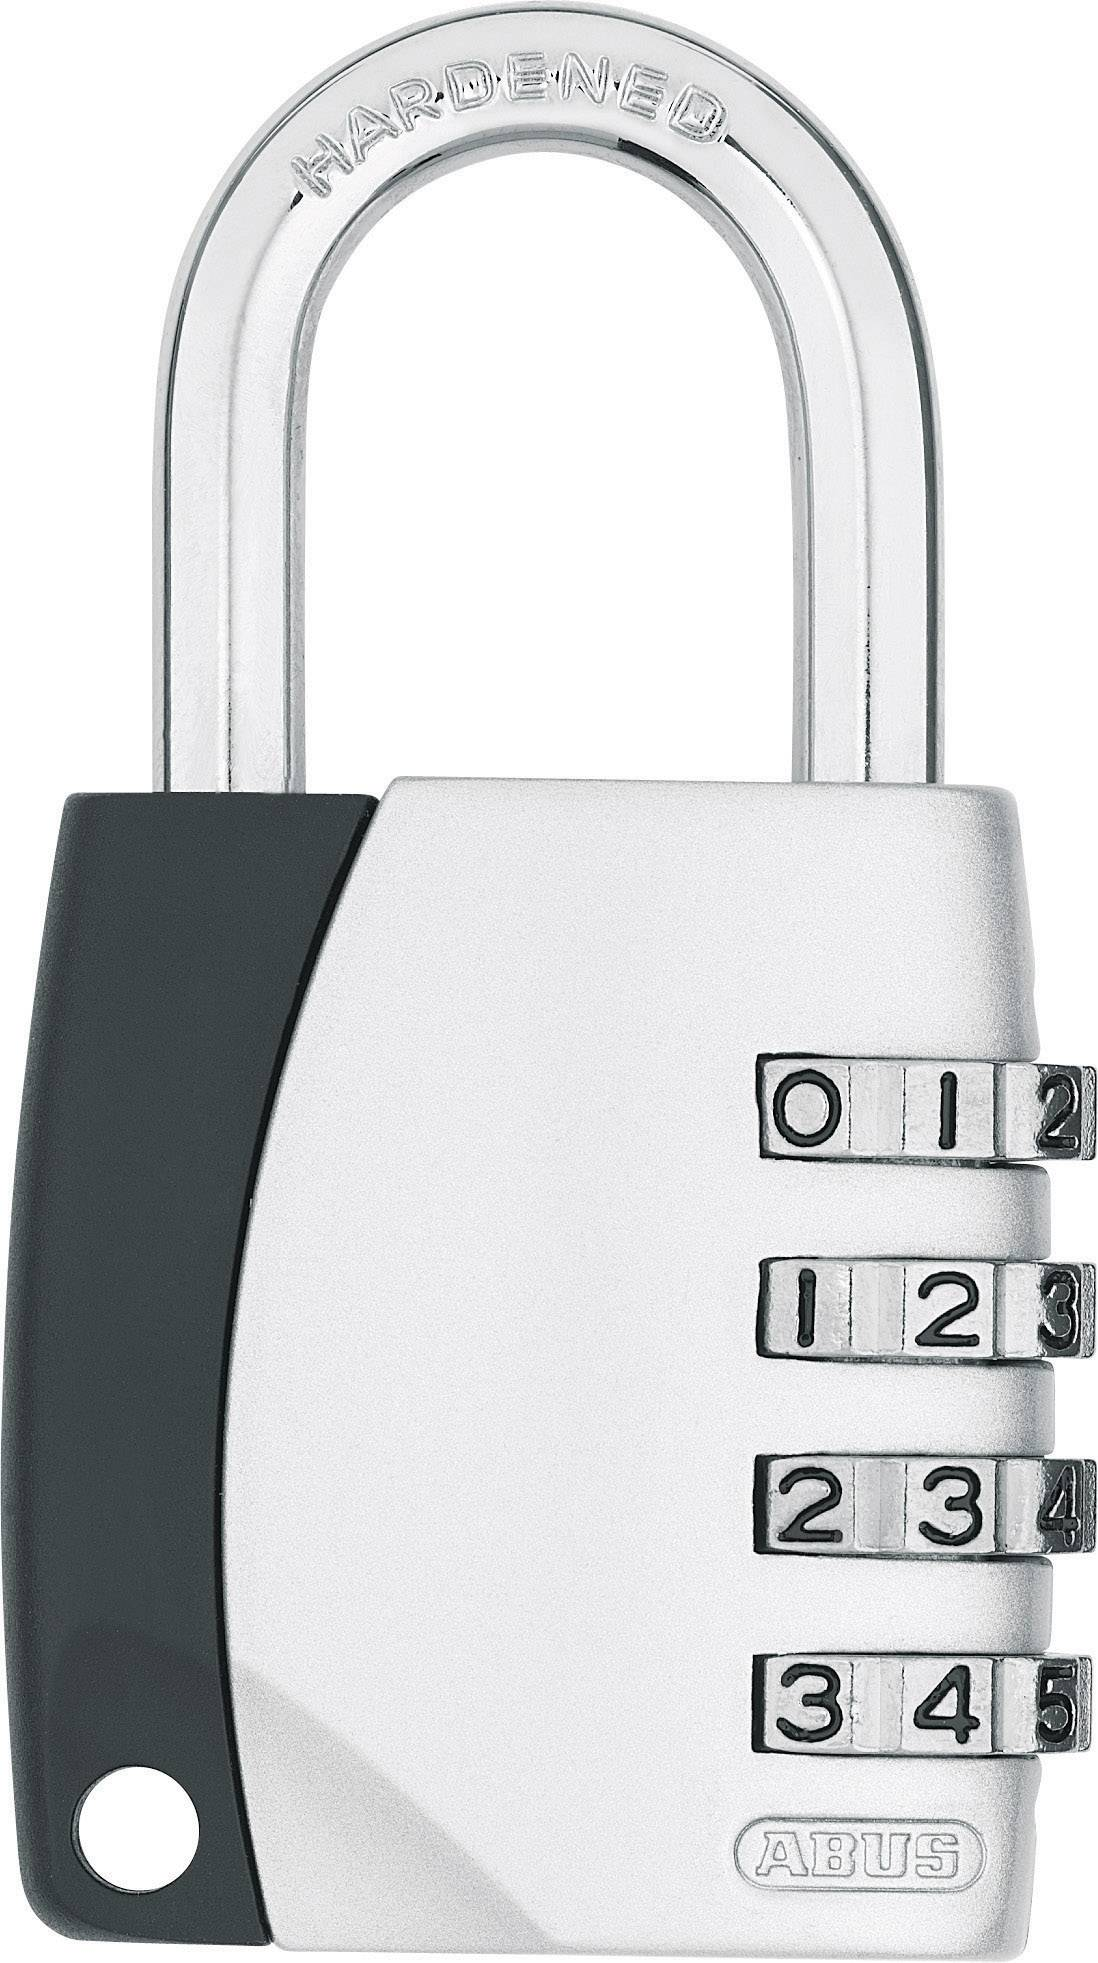 Visiaci zámok s číselnou kombináciou ABUS 155/40